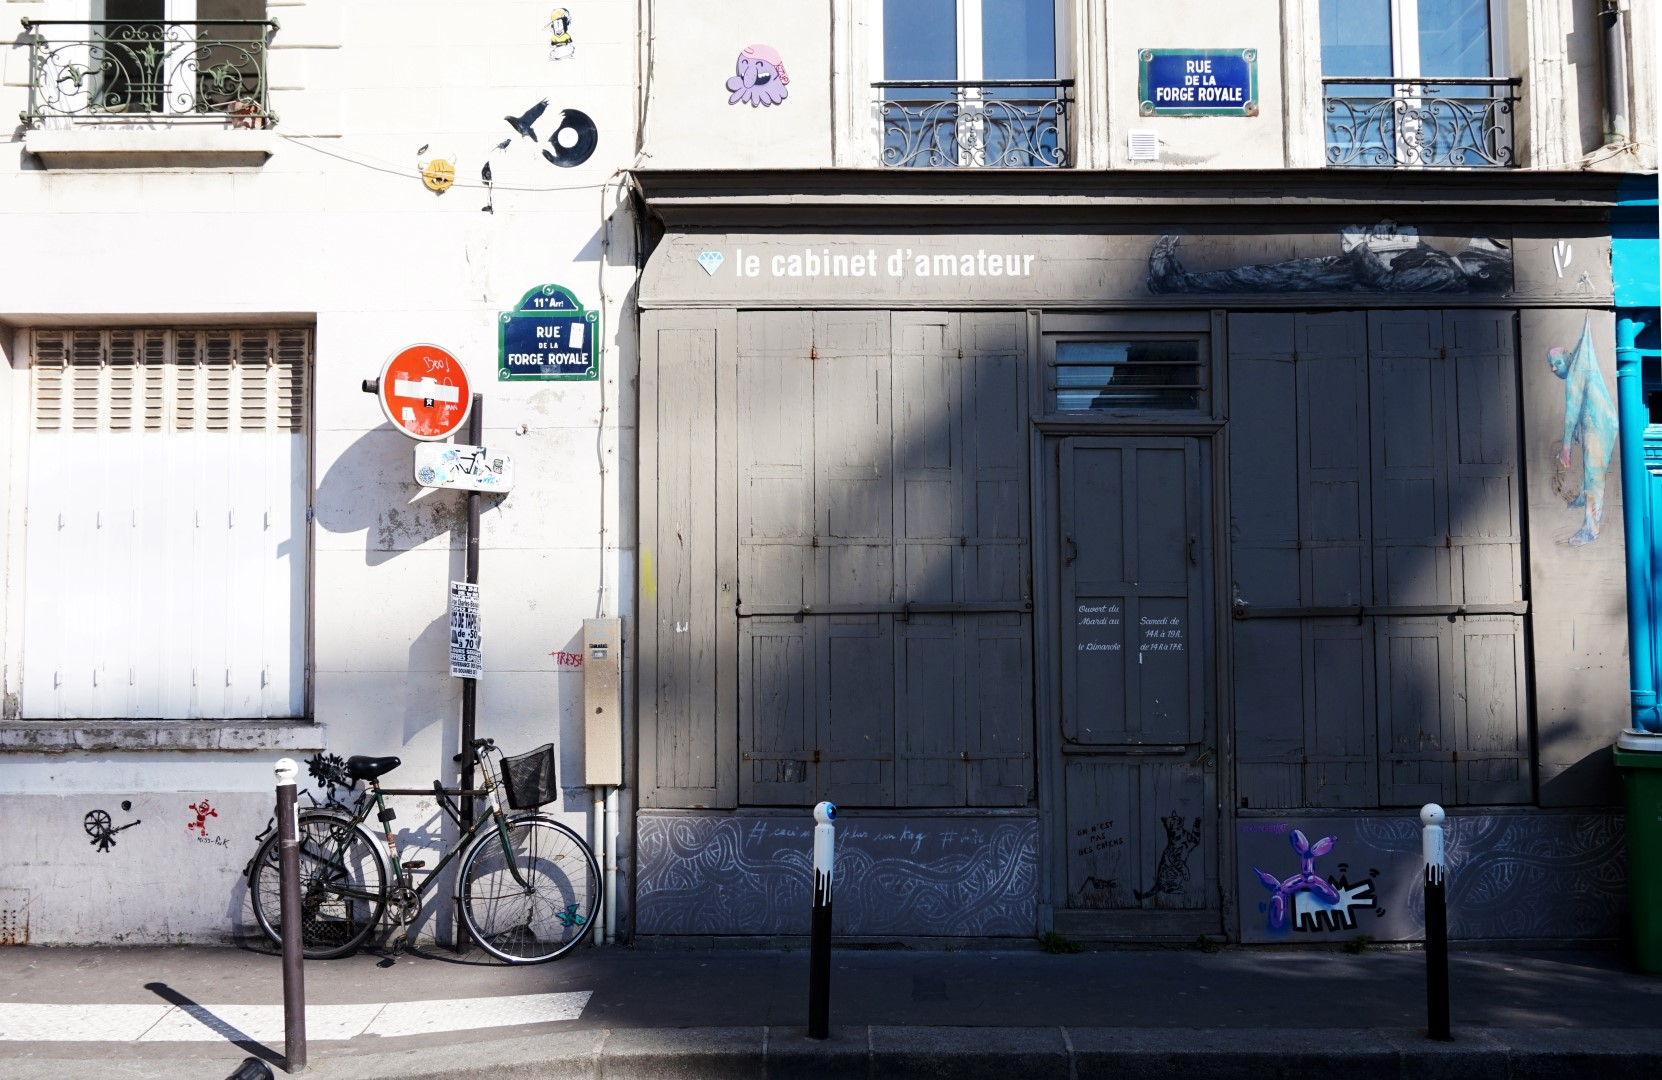 DSC07076 (Large)Balade dans le 11e - Rue de la Forge Royale